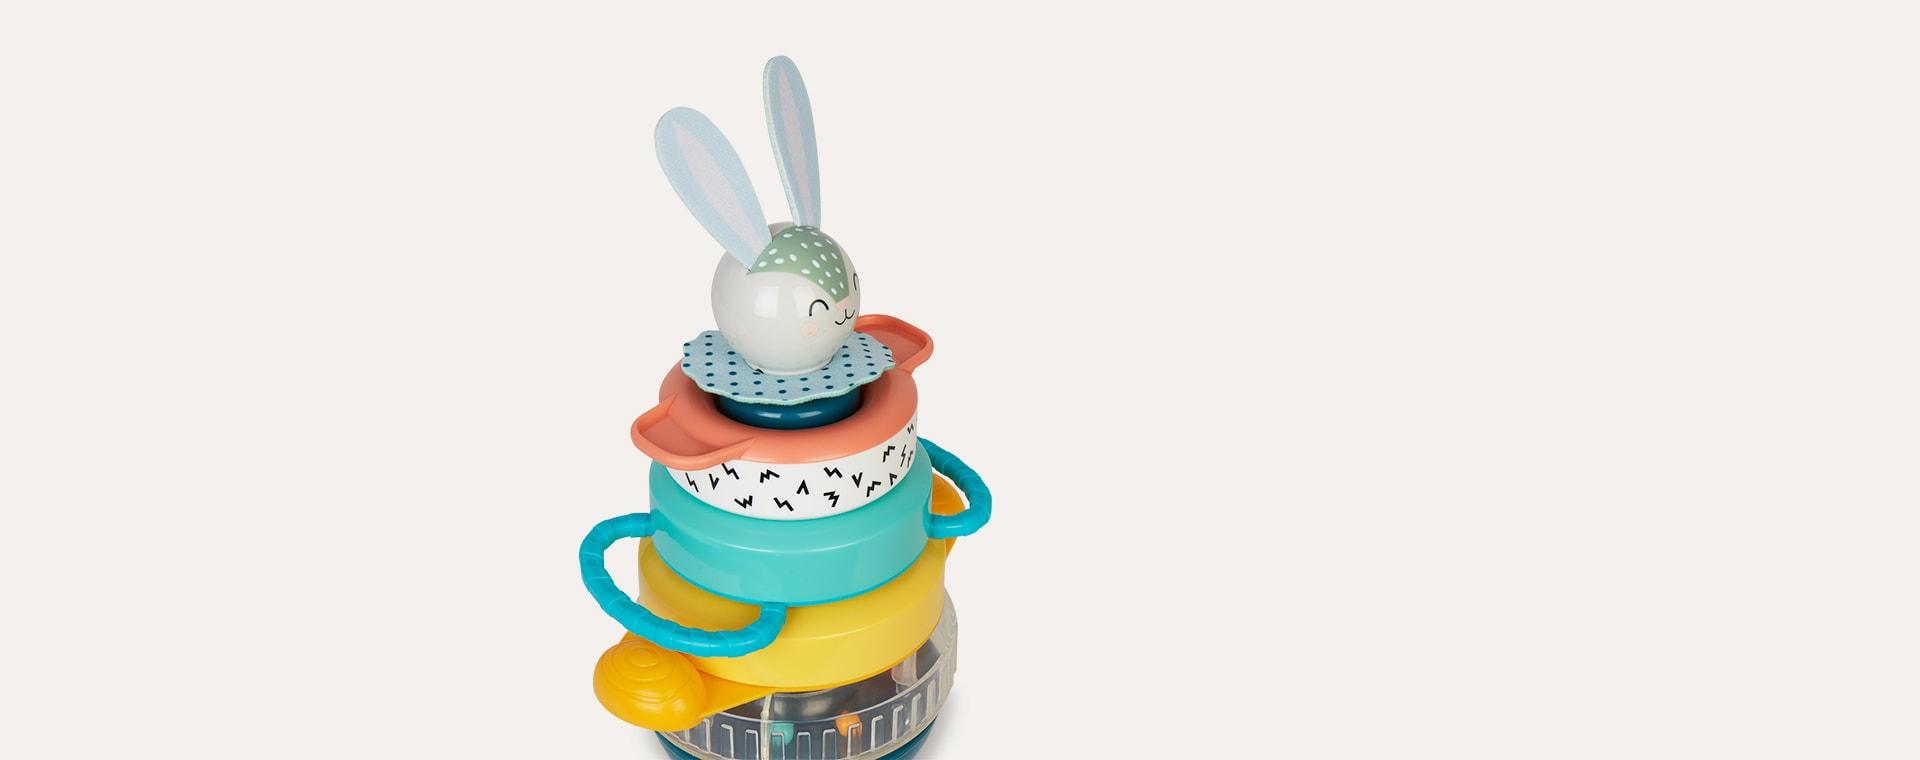 Multi taf toys Hunny Bunny Stacker